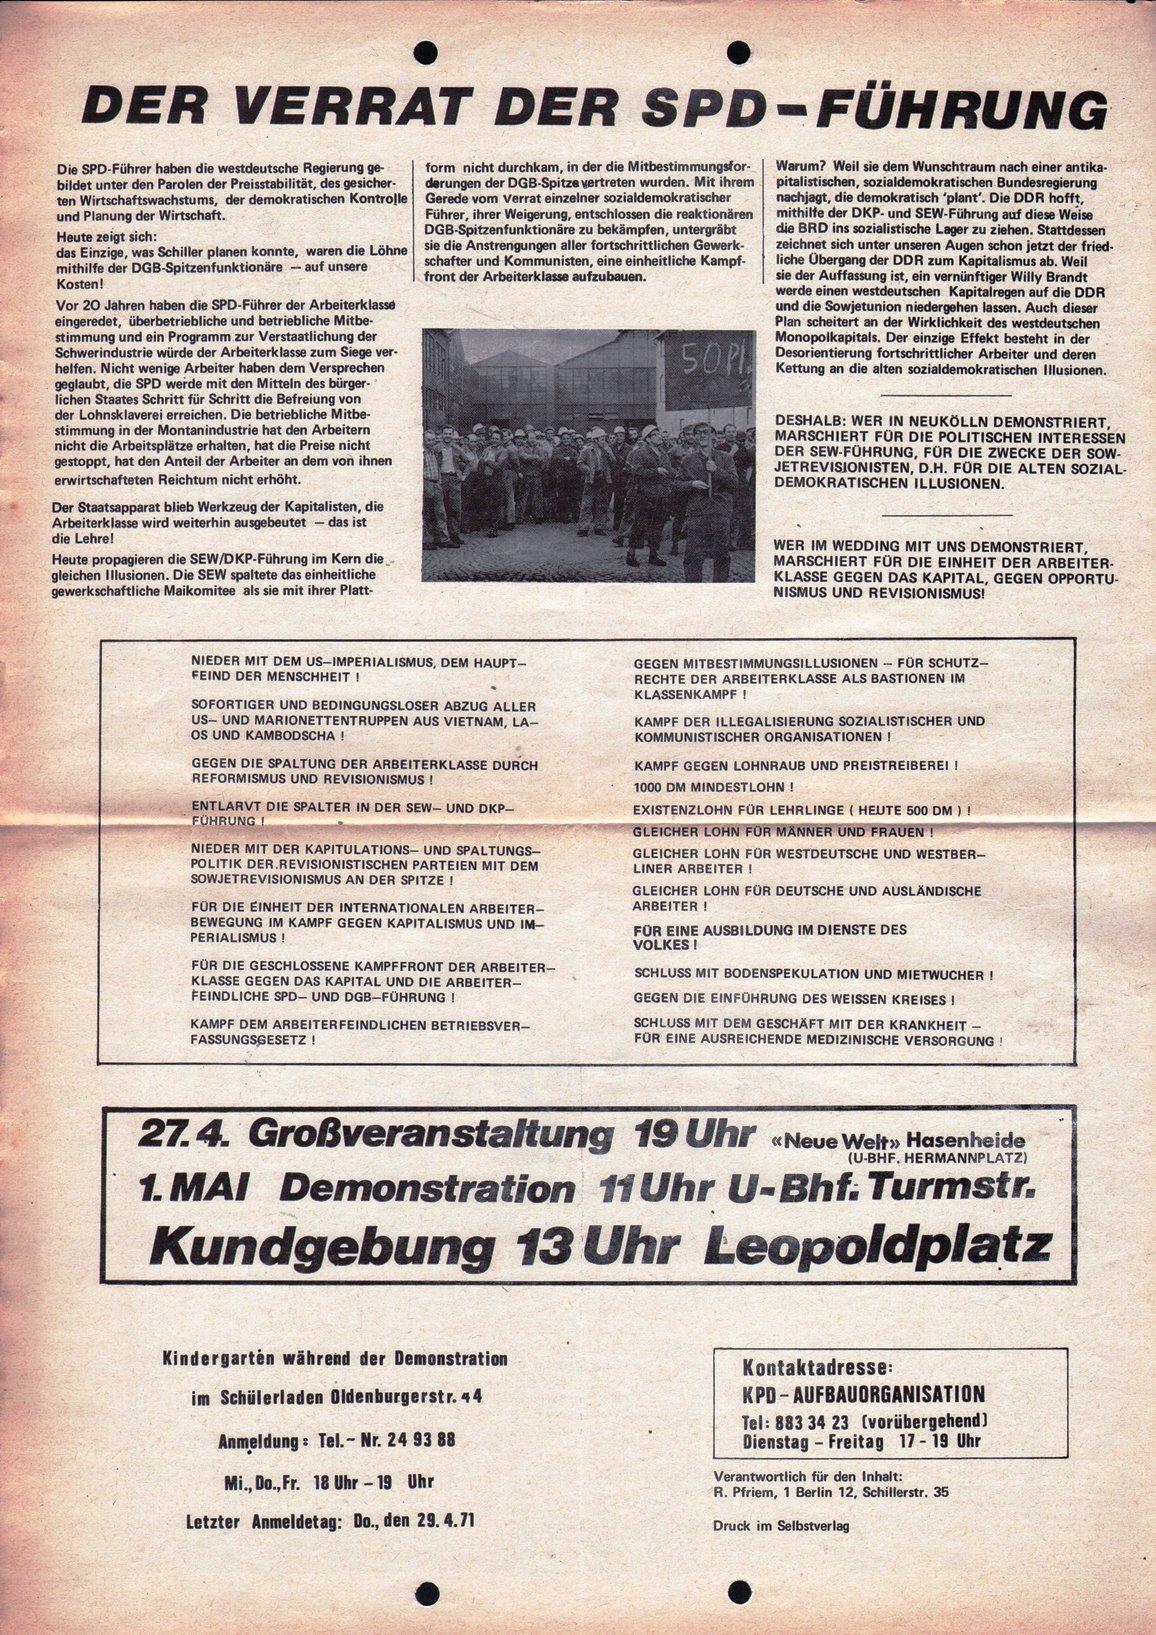 KPD_Rote_Fahne_1971_SD_006